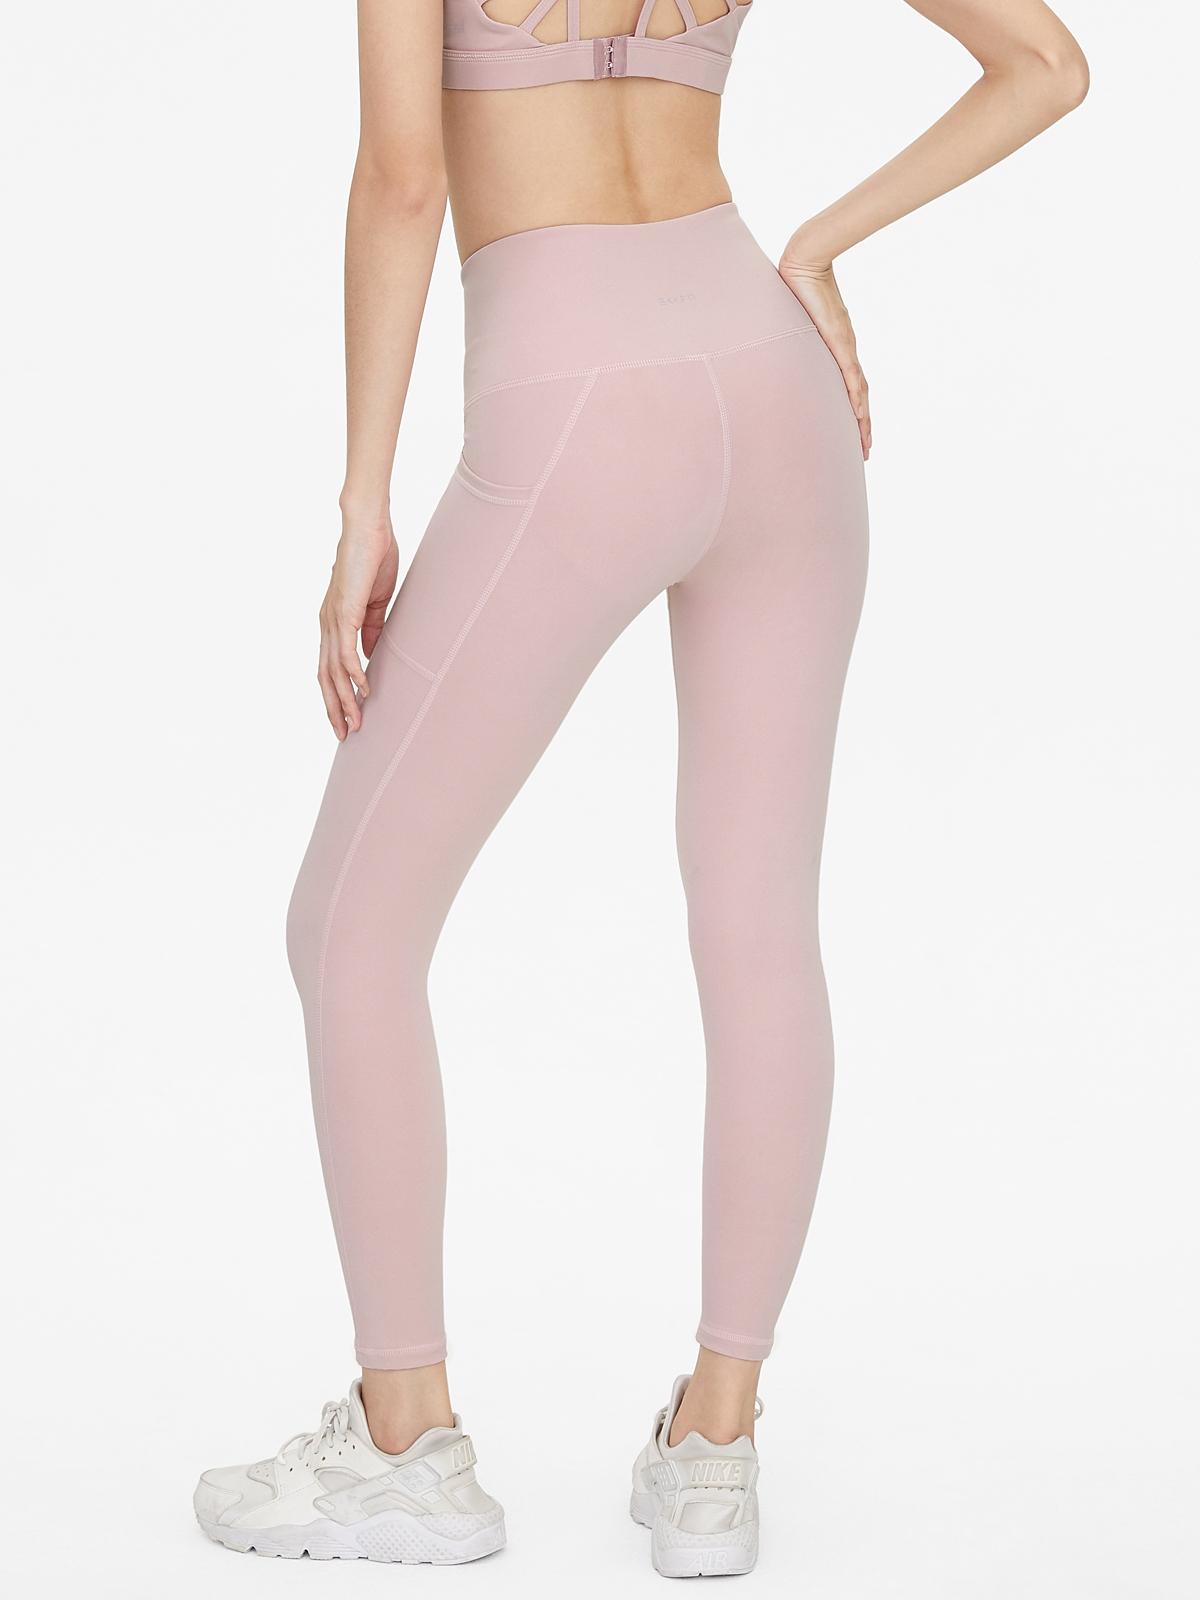 BKKFit Premium V Cut Leggings Pink